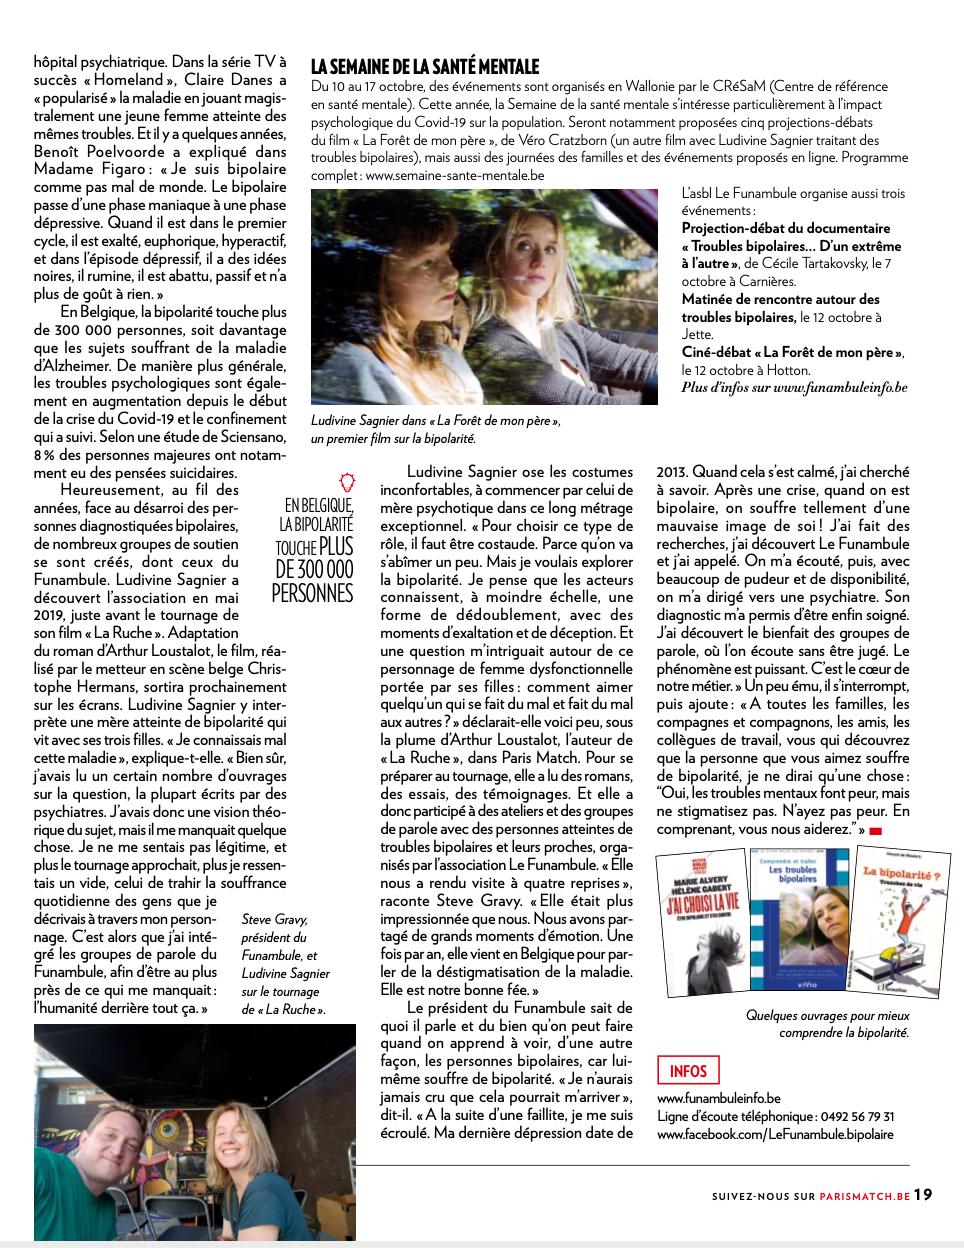 Article de Paris Match sur Ludivine Sagnier et Le Funambule-2